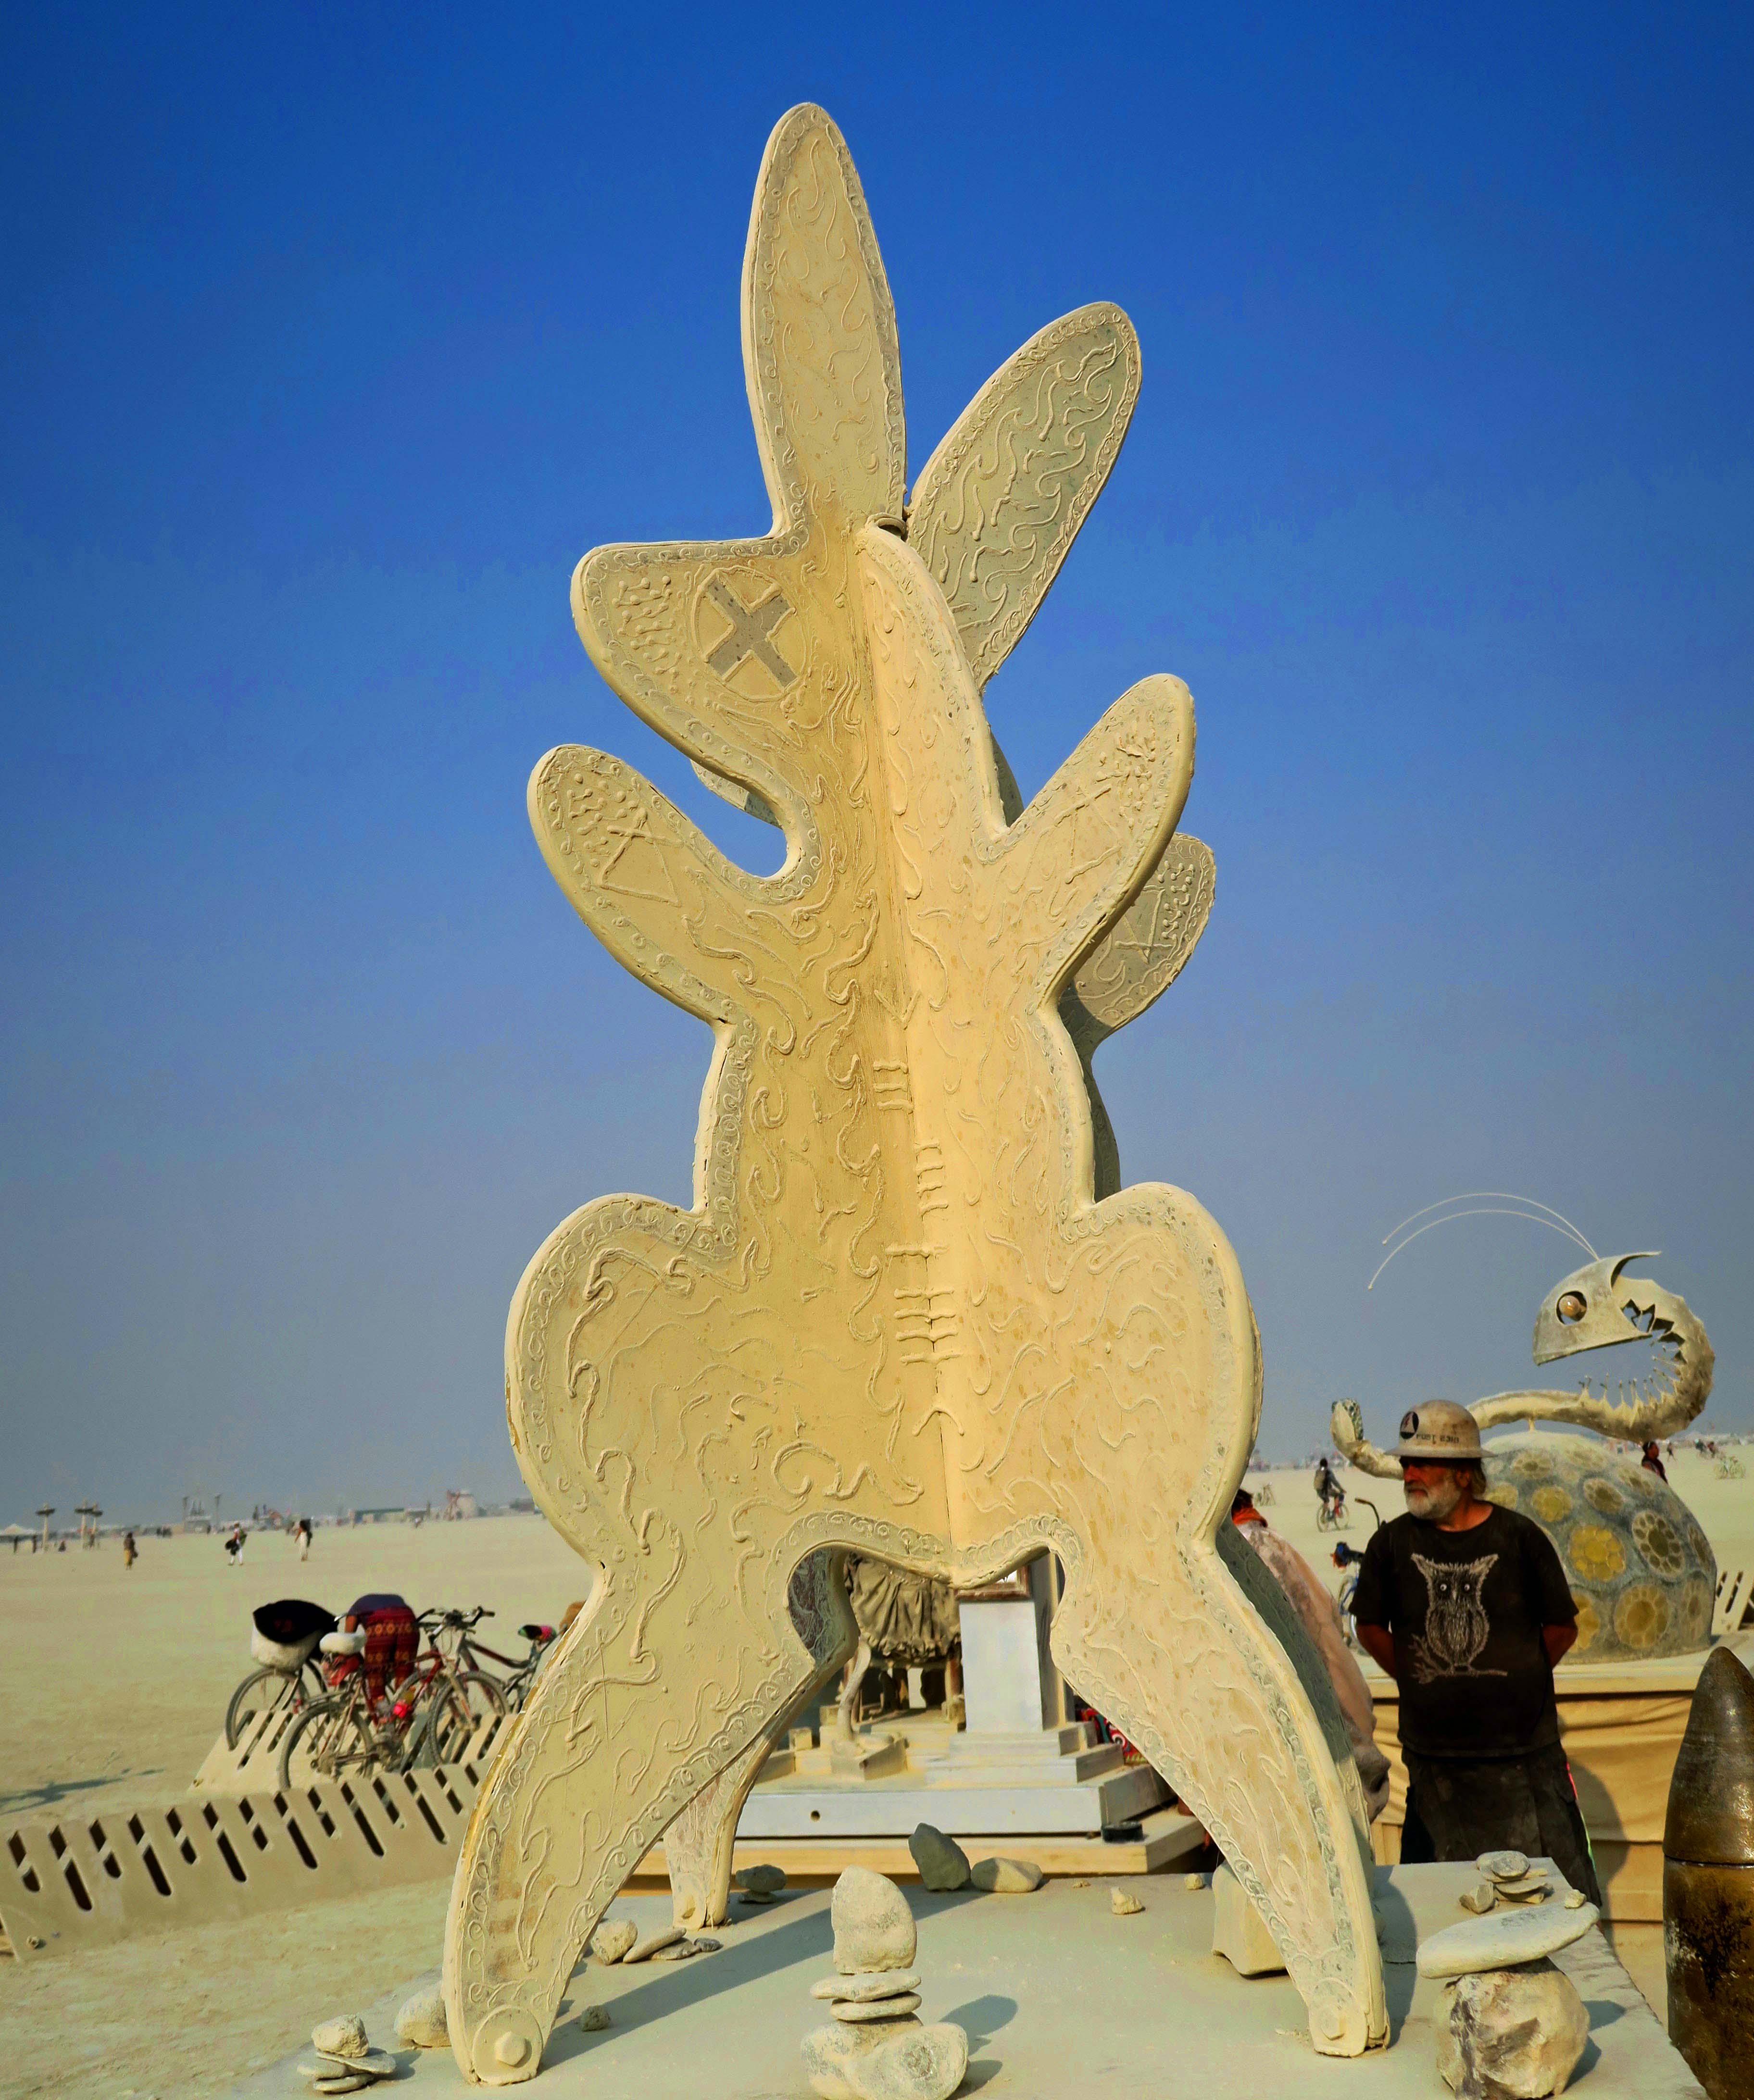 Shrine of the Golden Bunny at Burning Man 2017